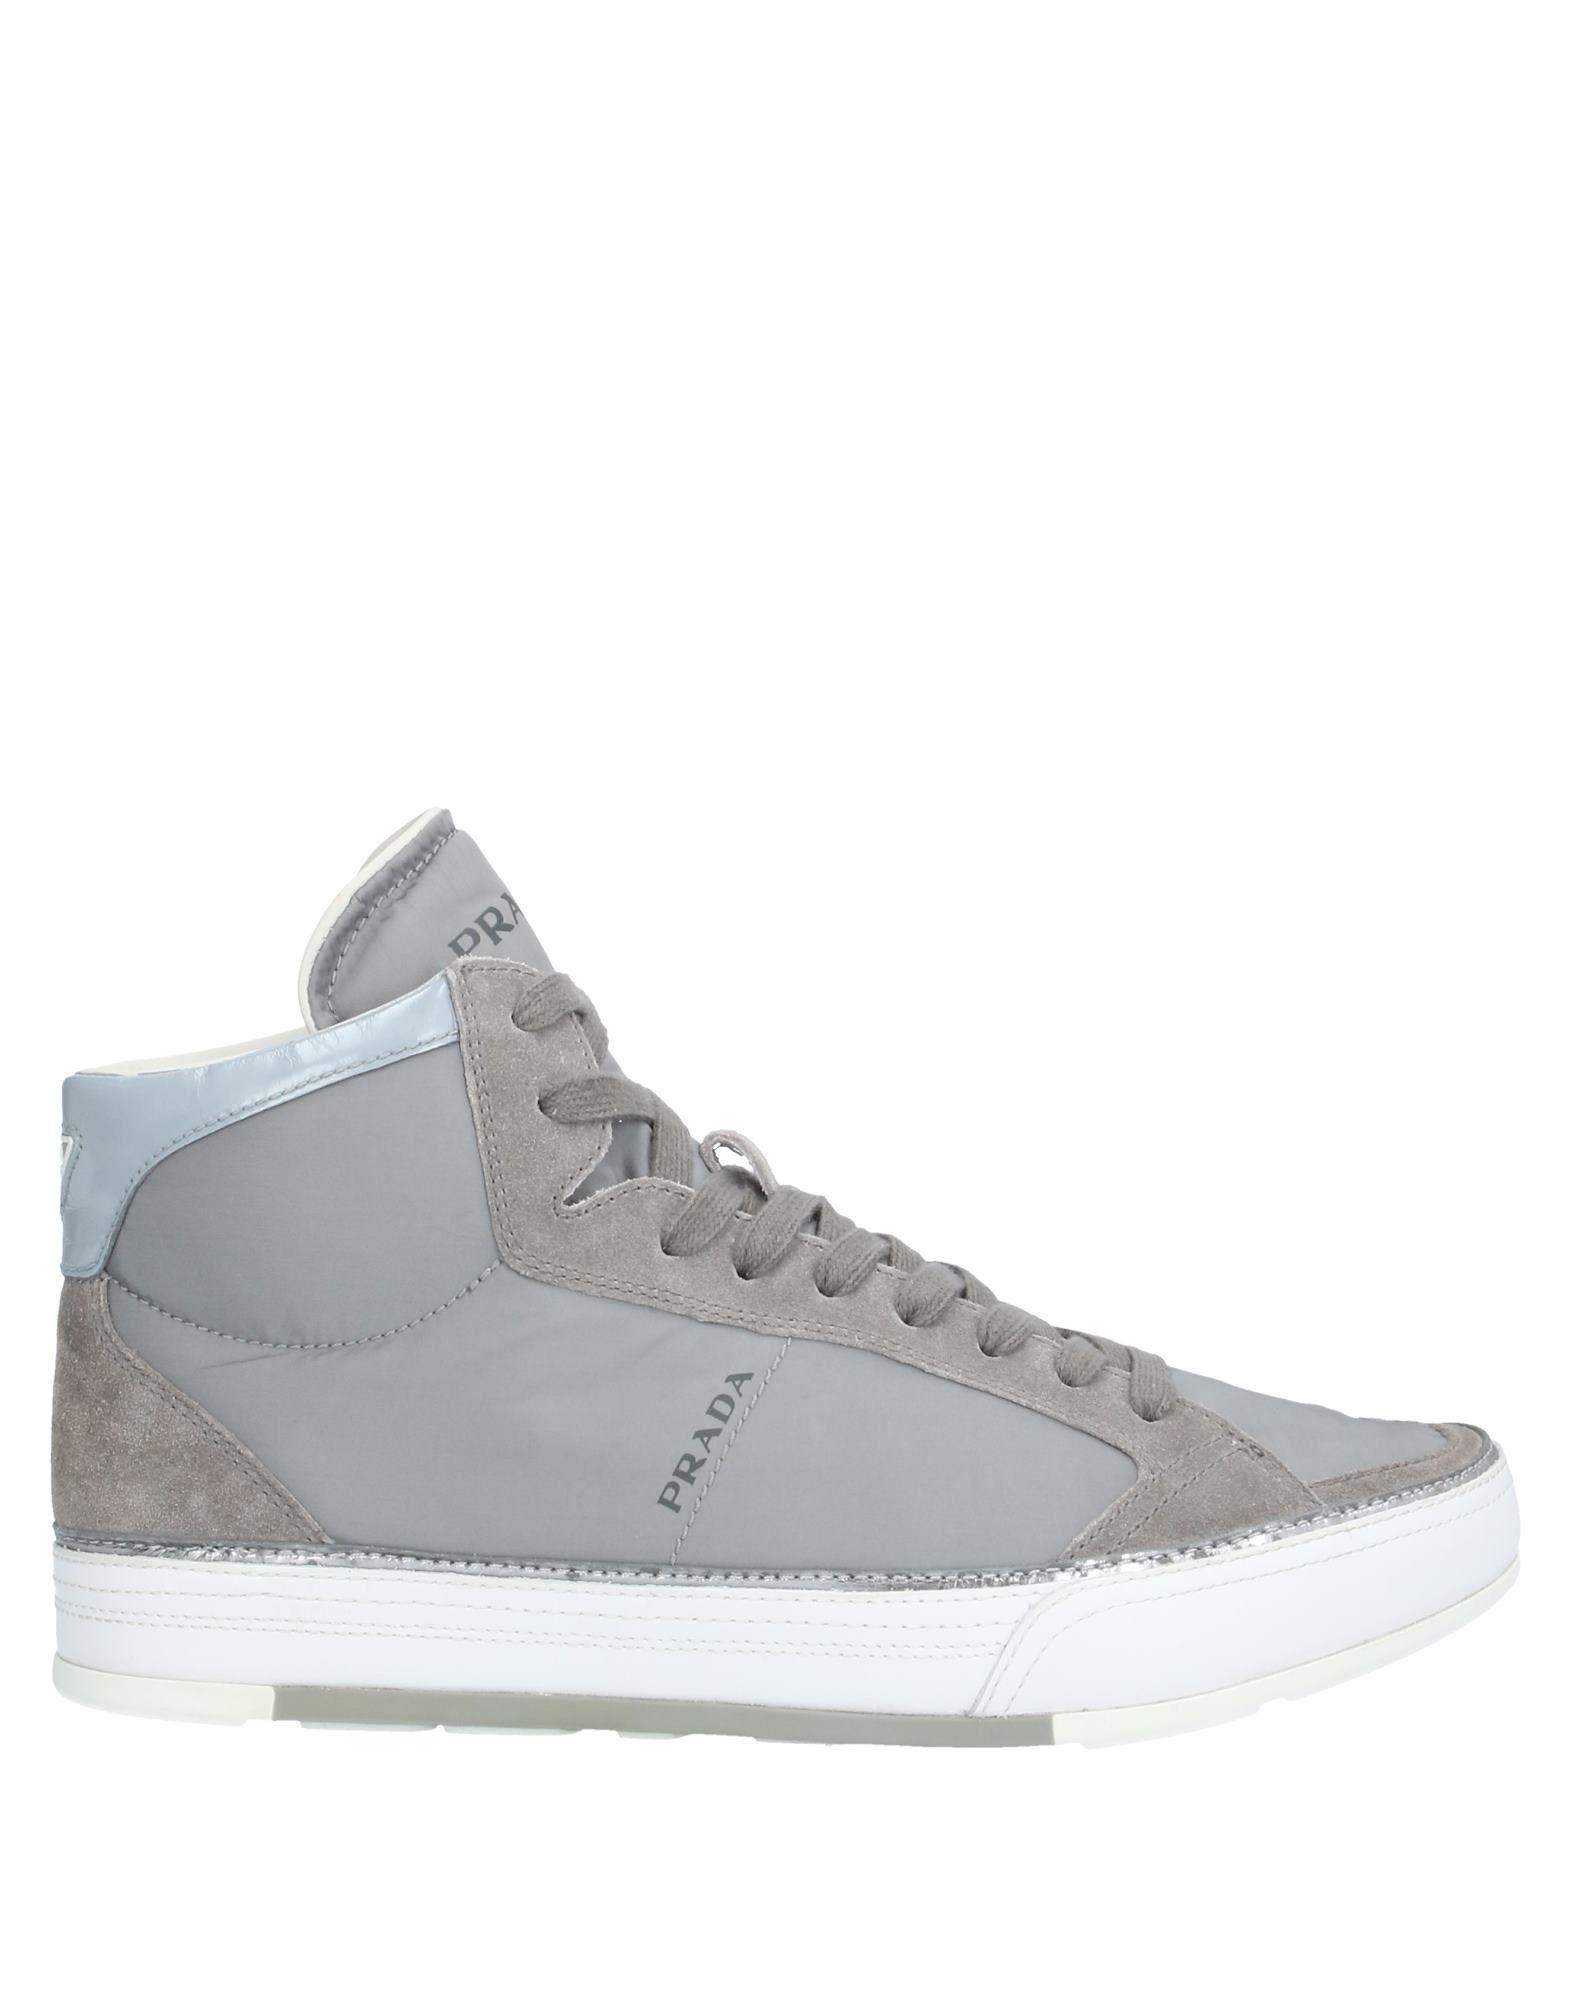 PRADA LINEA ROSSA High-tops & sneakers - Item 11929036